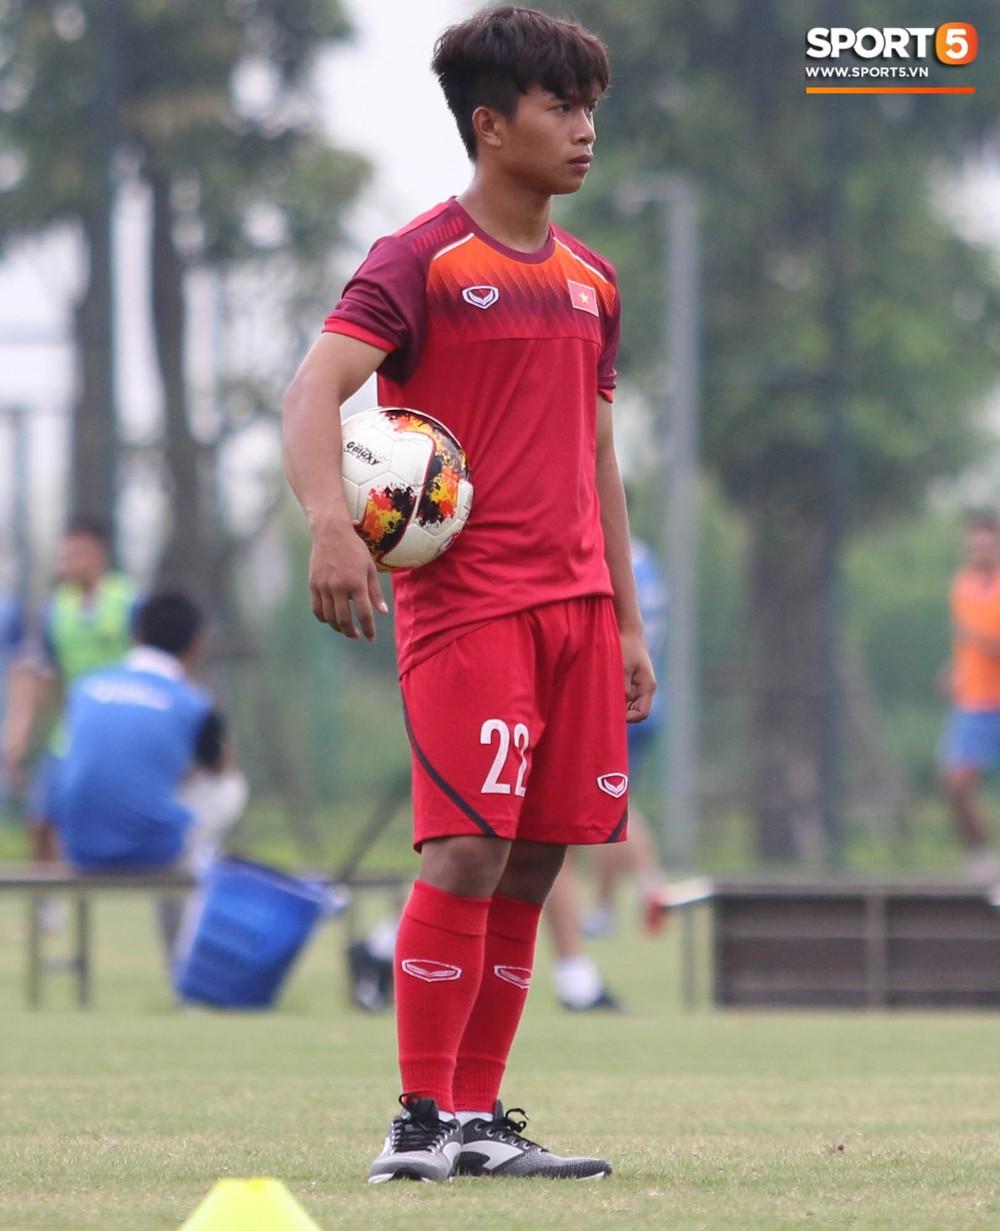 U18 Việt Nam hăng say tập luyện hướng tới giải U18 Đông Nam Á - Ảnh 1.